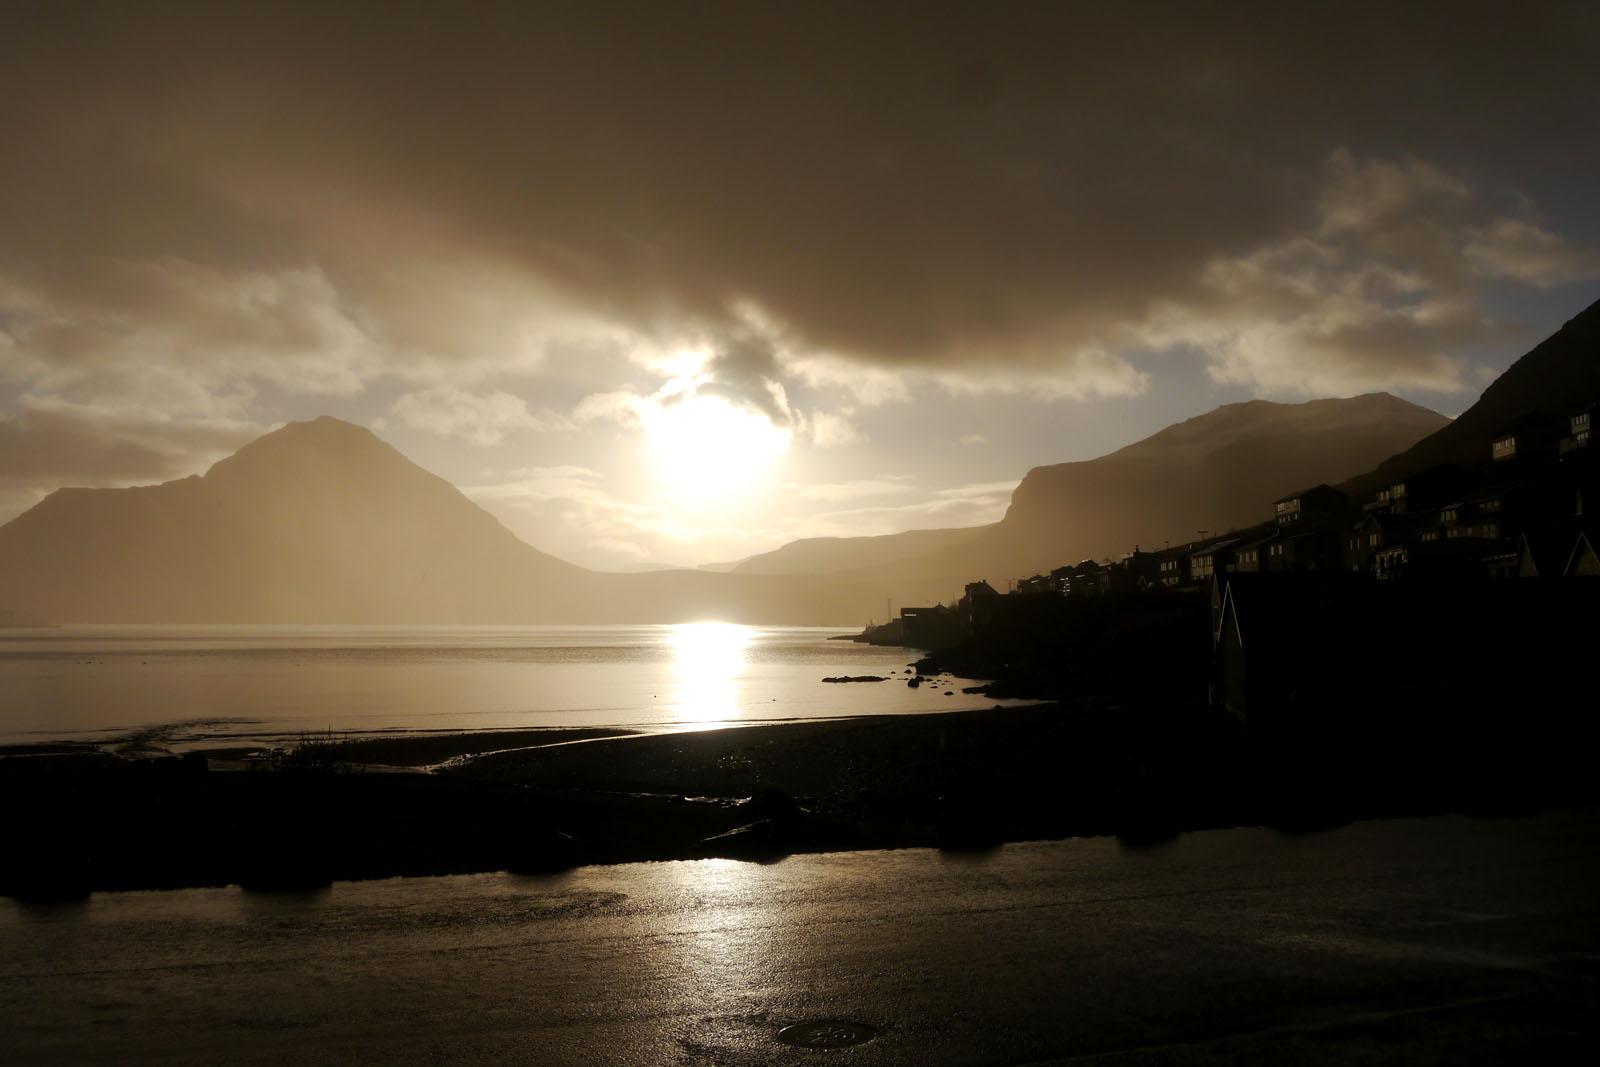 Eysturoy-Faroer Inseln-Fuglafjordur-berge-sonnenaufgang-regen-sonne-fjord-2